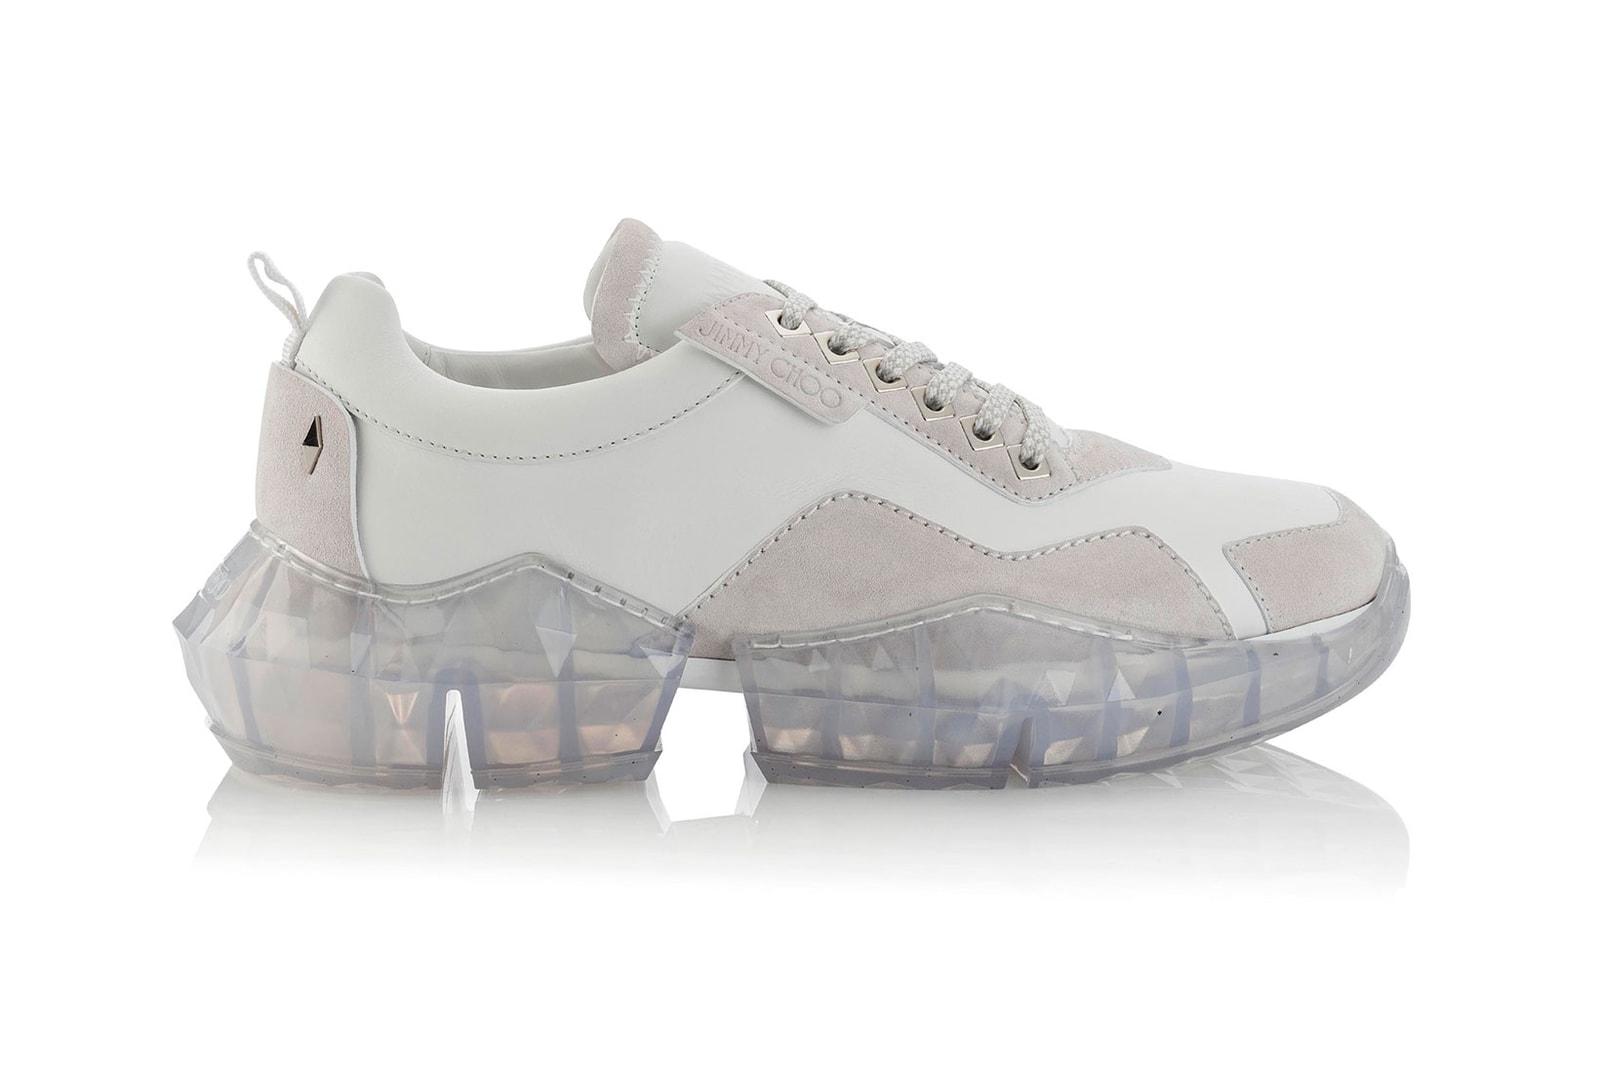 Jimmy Choo Sneakers Menswear Video Campaign Fall Winter 2018